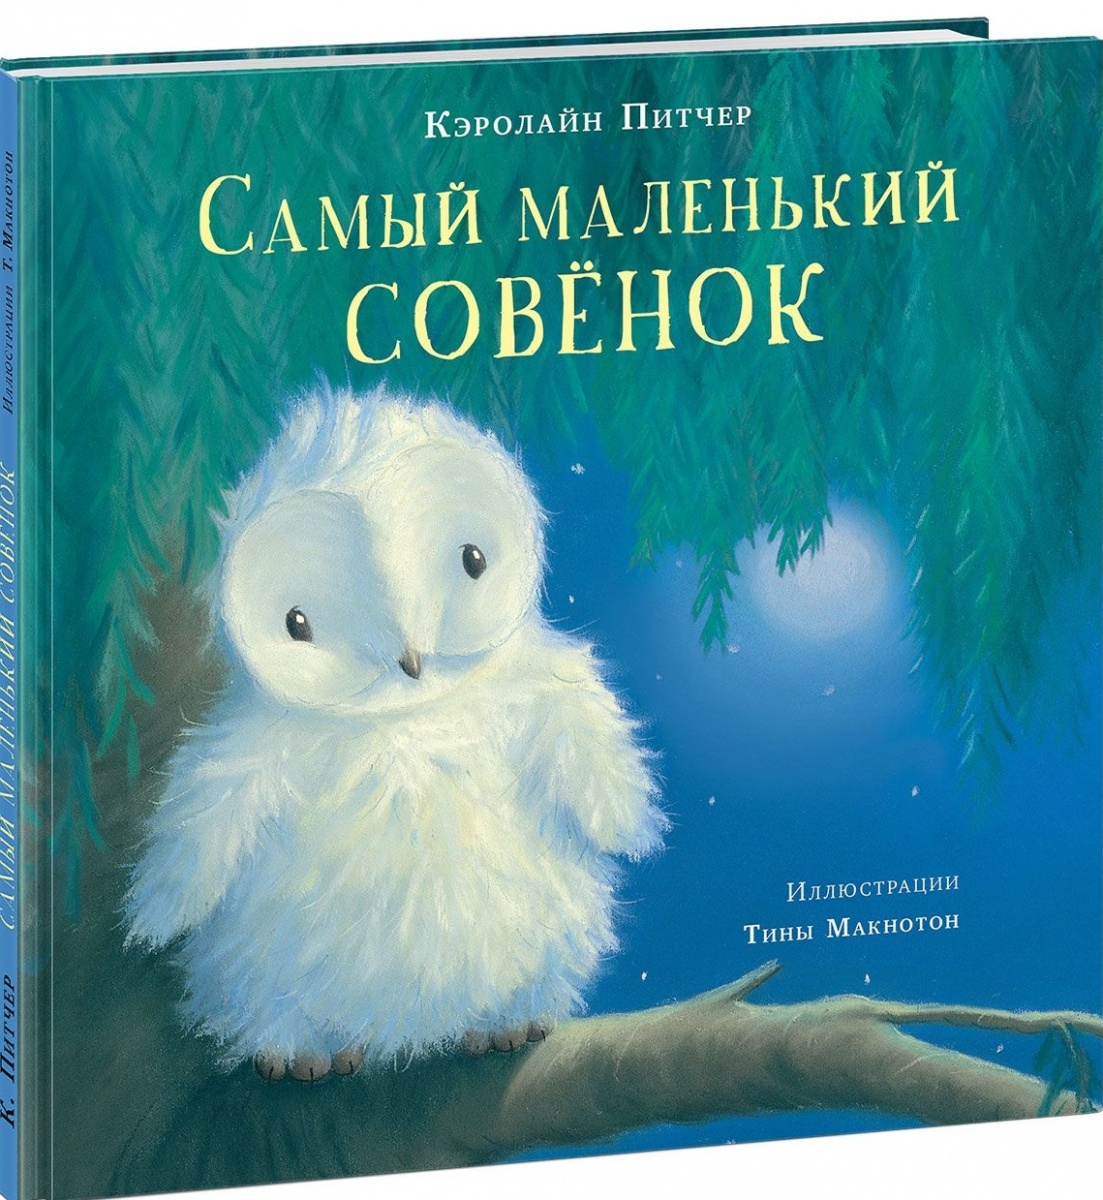 Питчер К. Самый маленький совенок. Сказка ISBN: 9785433506251